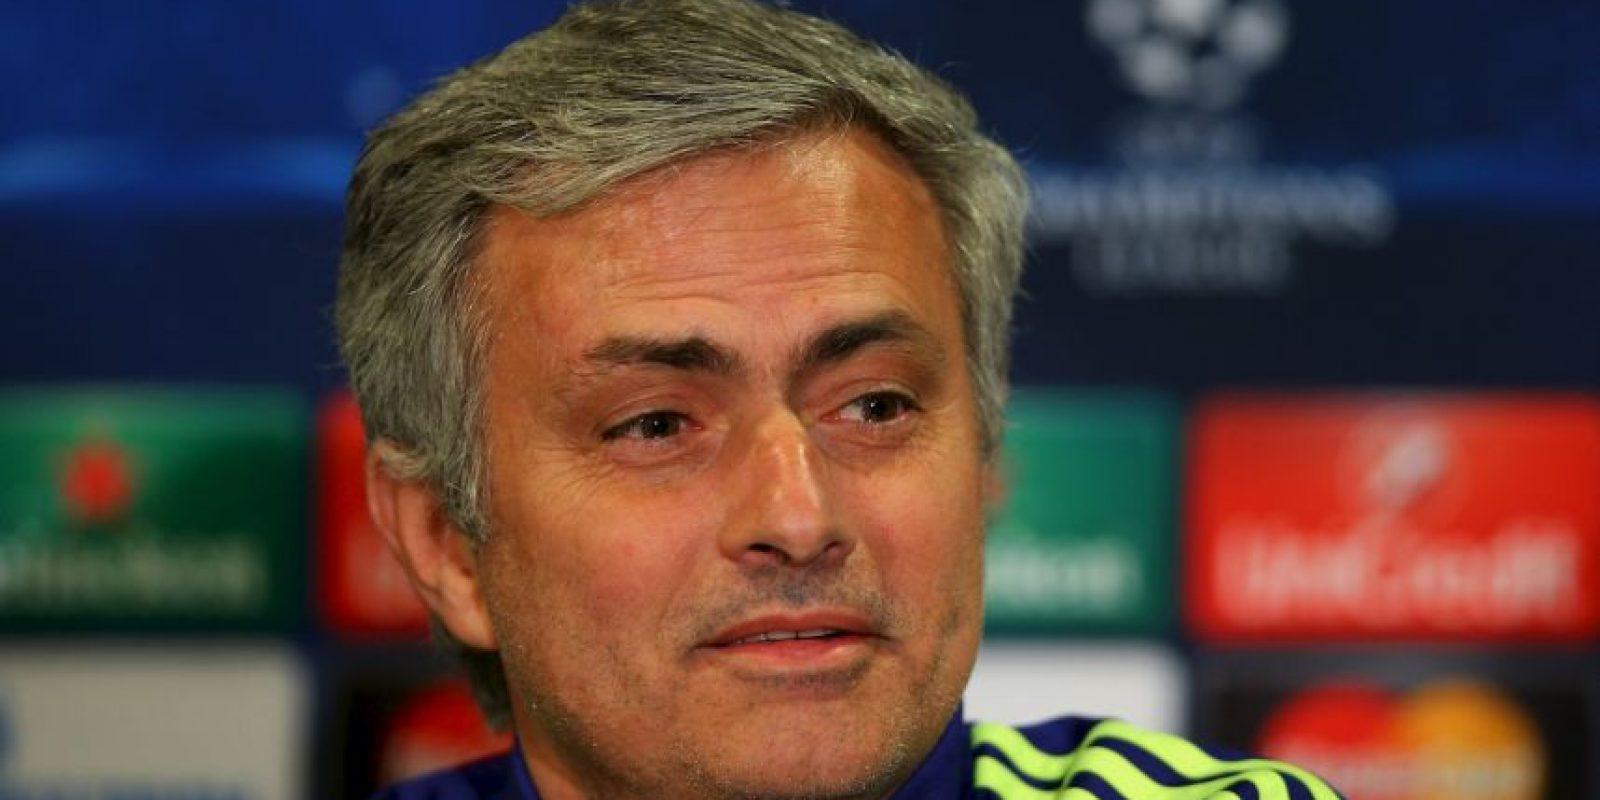 """De hecho, ambos se encontraron nuevamente en la Supercopa de la UEFA de 2013 que enfrentó a los alemanes, campeones de la Champions League, con los """"Blues"""", monarcas de la Europa League, en lo que fue el debut para los dos entrenadores con sus respectivos clubes. Foto:Getty Images"""